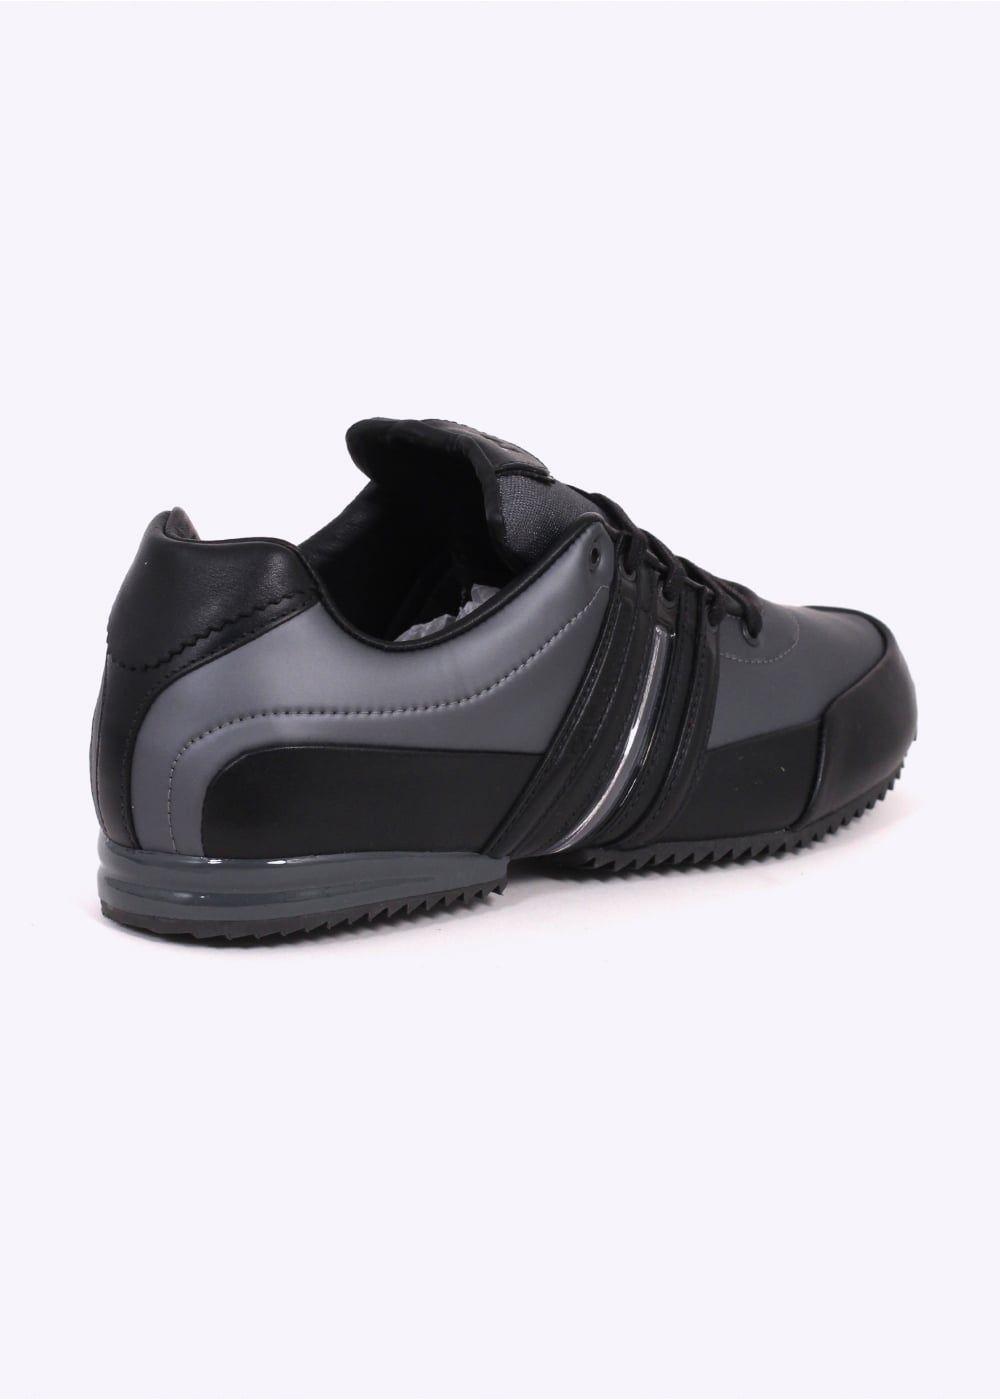 35d40ee2cb2ee Y3   Adidas - Yohji Yamamoto Sprint Trainers - Grey   Black